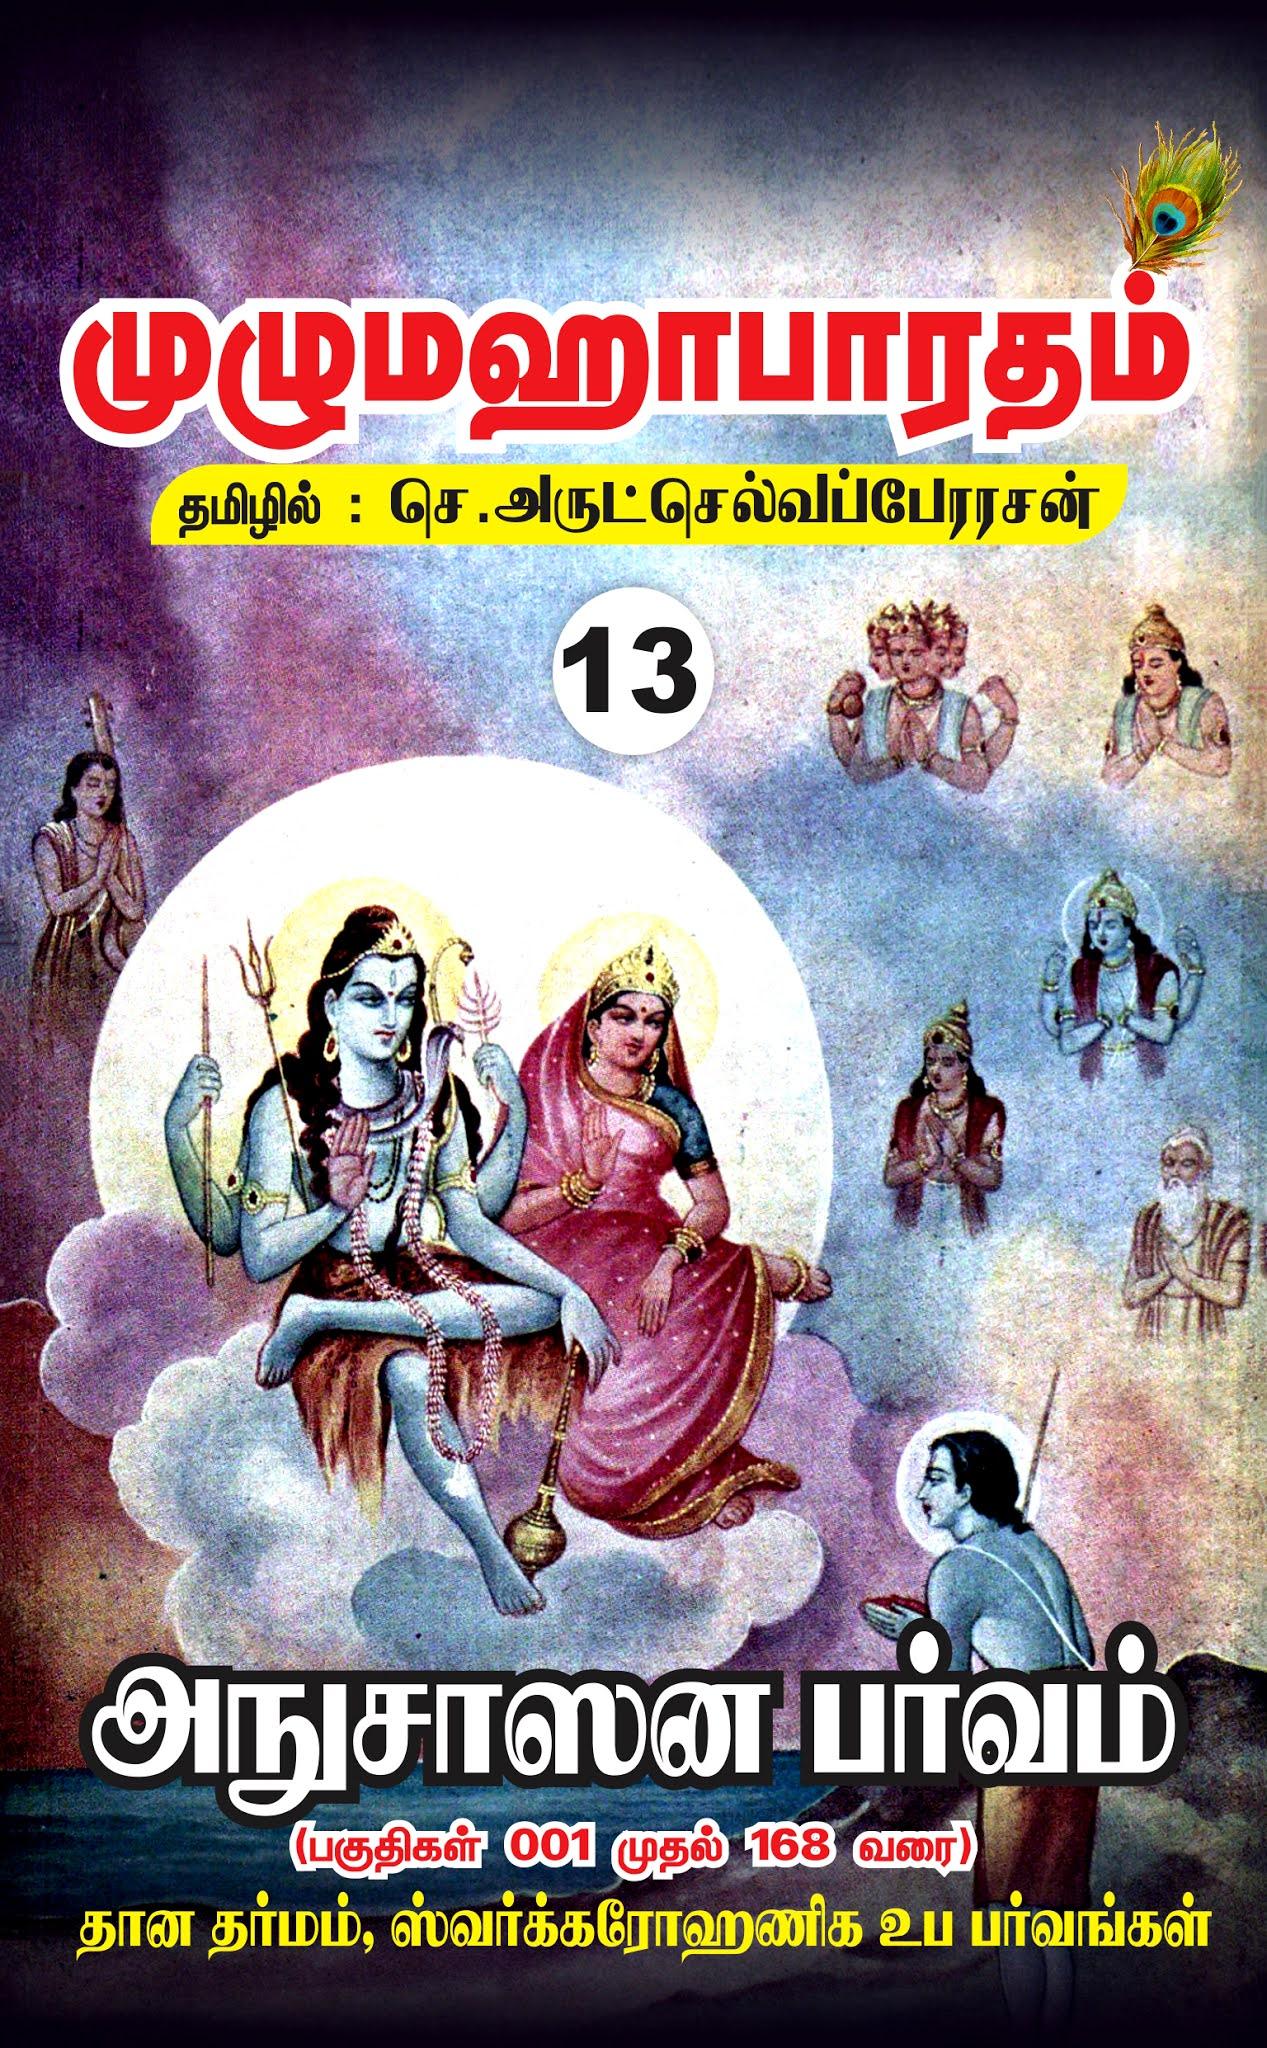 அநுசாஸன பர்வம்